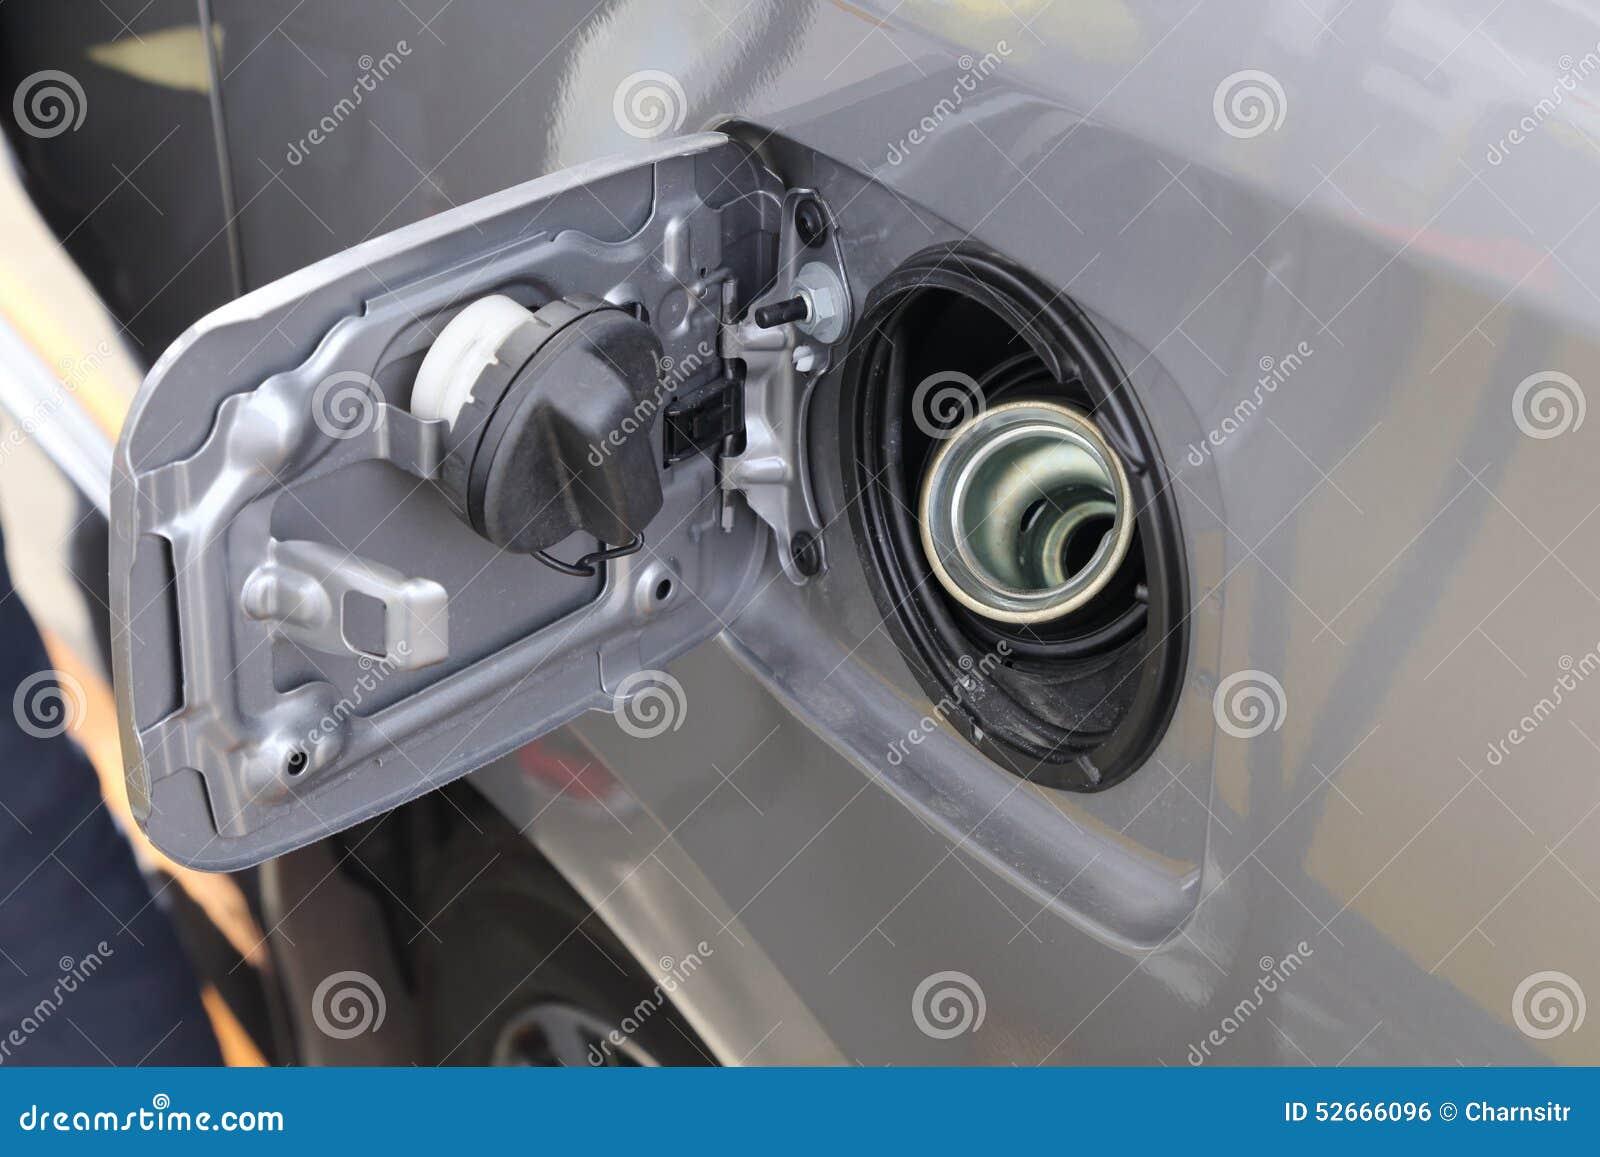 couverture de bouchon de r servoir d 39 essence pr te remplir le carburant photo stock image. Black Bedroom Furniture Sets. Home Design Ideas